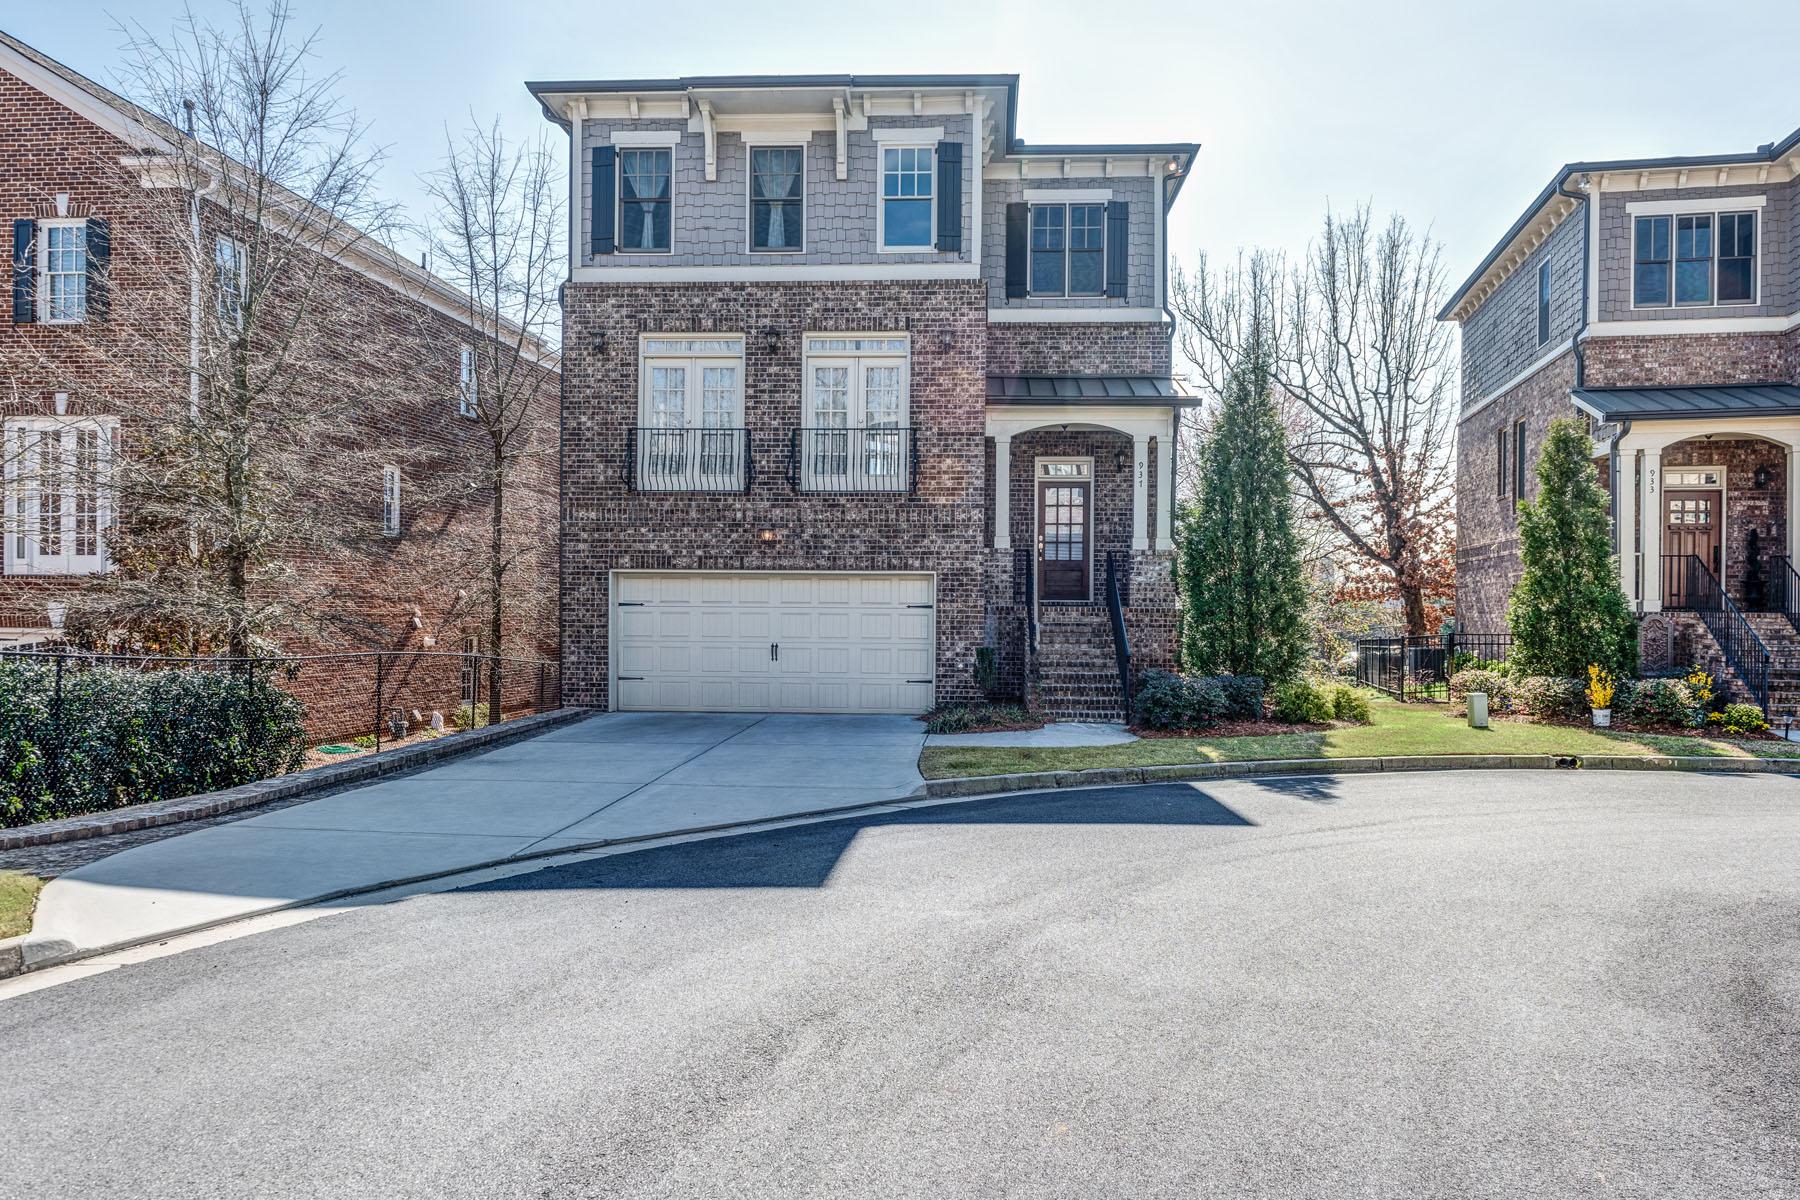 Einfamilienhaus für Verkauf beim Amazing Cul-De-Sac Executive Home 937 Canterbury Lane NE Atlanta, Georgia, 30324 Vereinigte Staaten